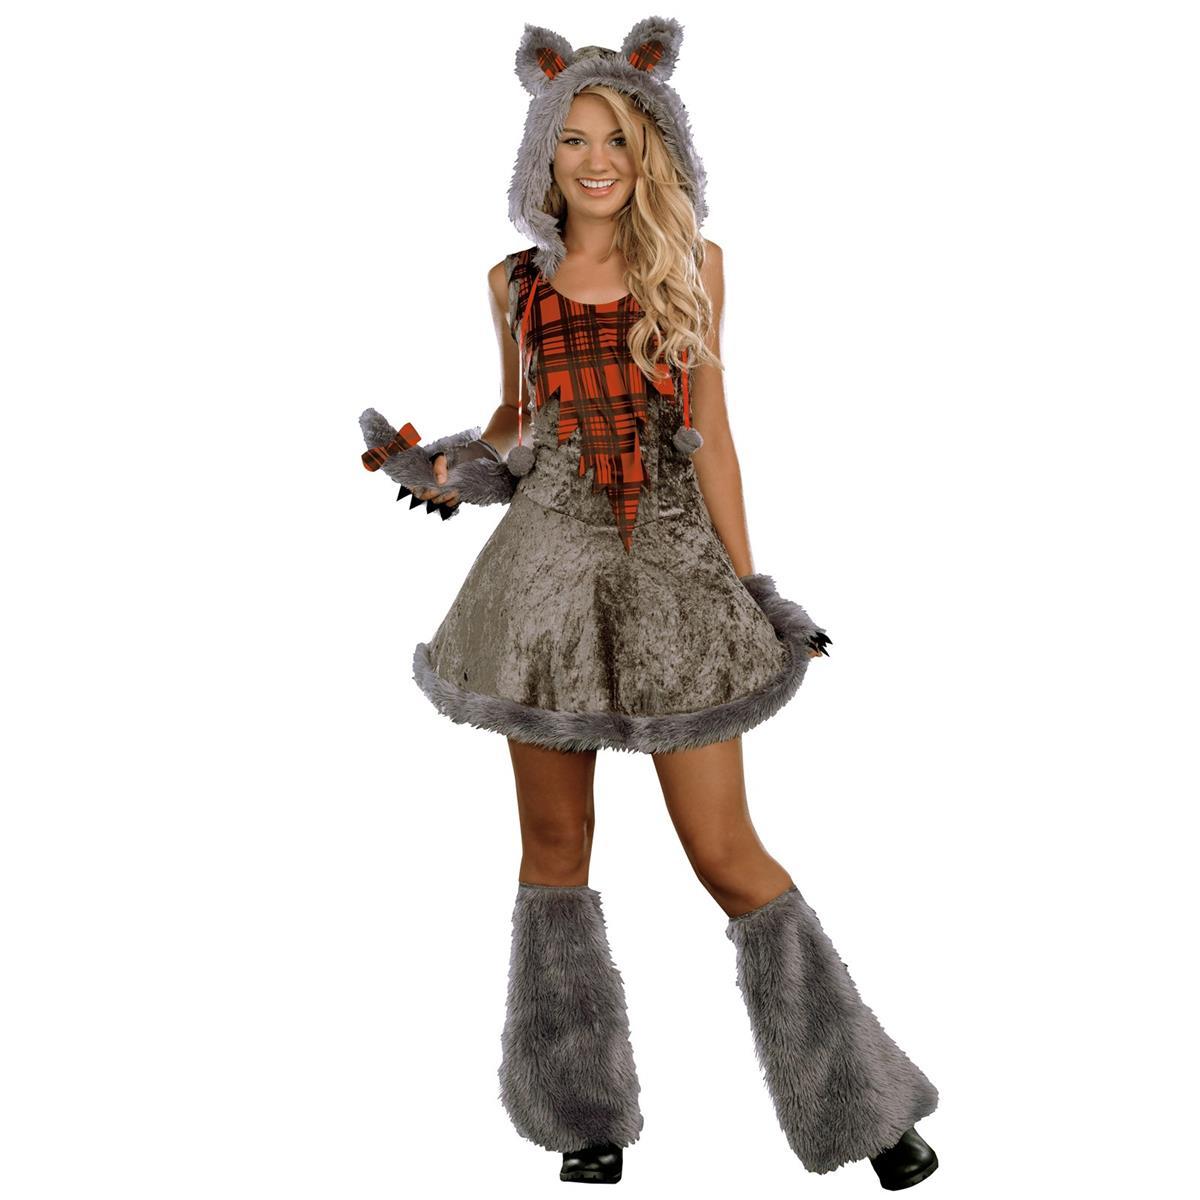 狼 ハロウィン コスプレ 衣装 コスチューム オオカミ 狼女 ウルフガール ティーン 子供